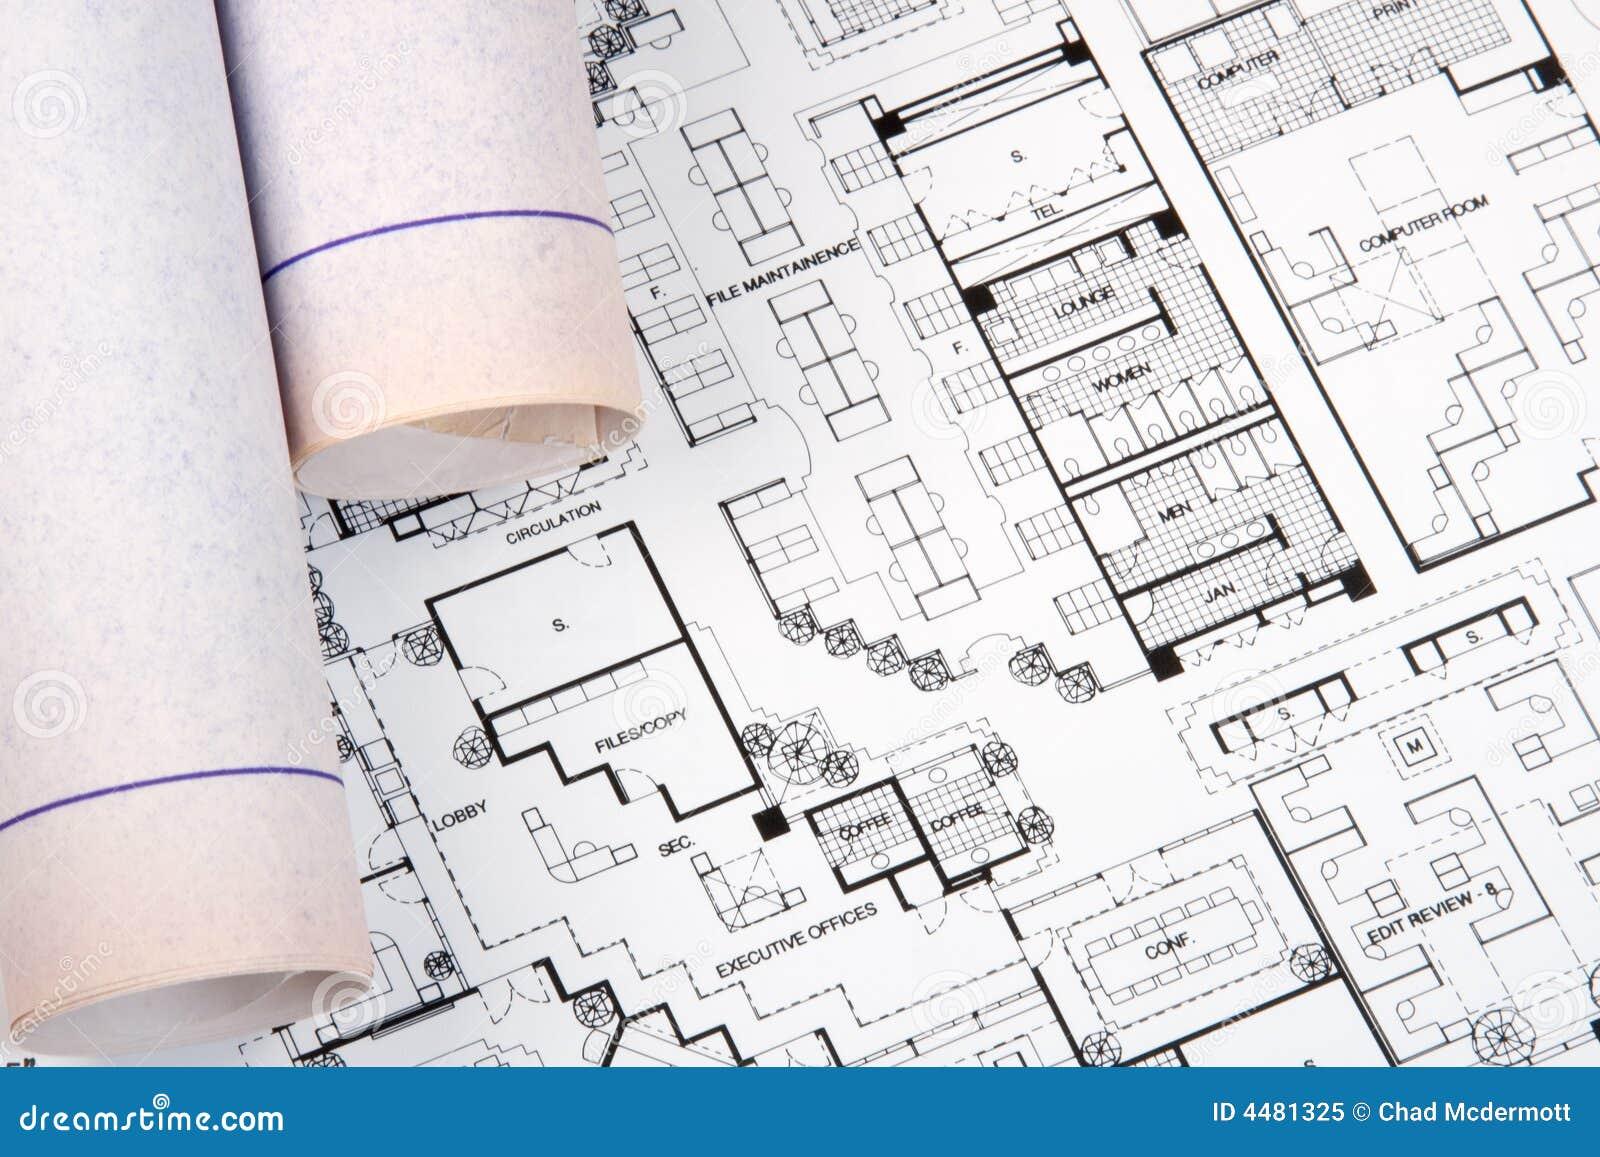 Zeichnung Und Pläne Des Architekten Stockbild - Bild von skizze ...